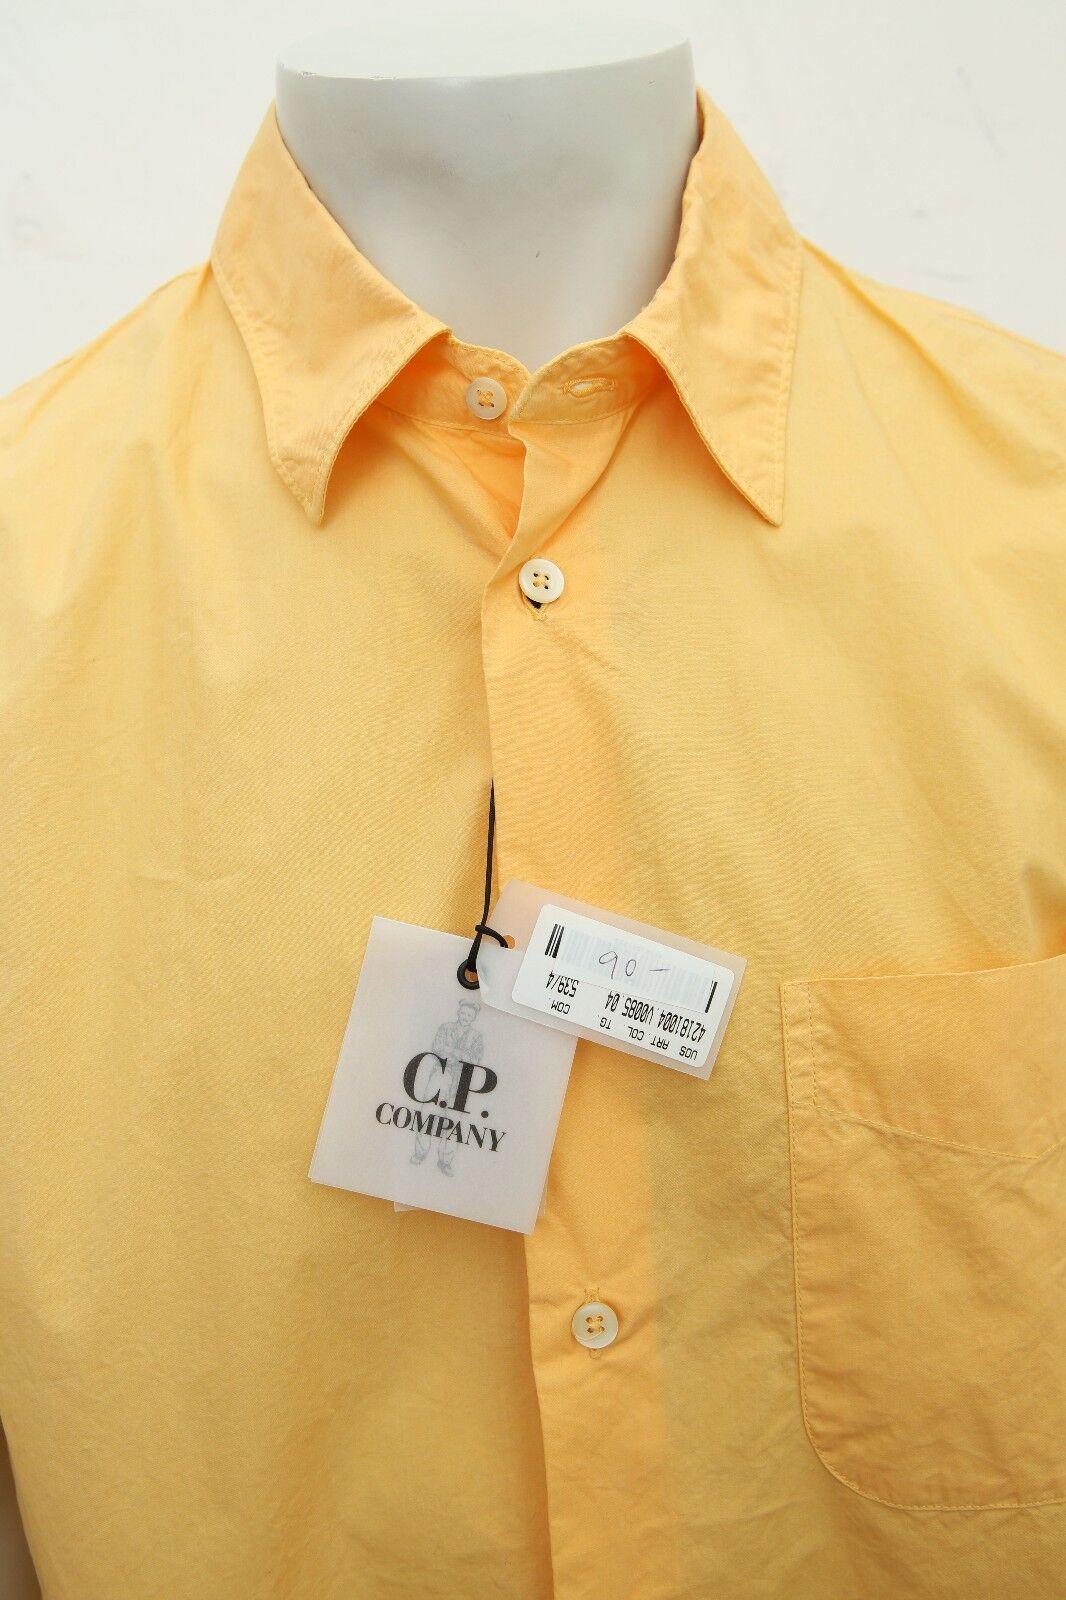 NUOVO da uomo CP COMPANY GIALLO Cotone Cotone Cotone Camicia a maniche corte misura 5 46d01c